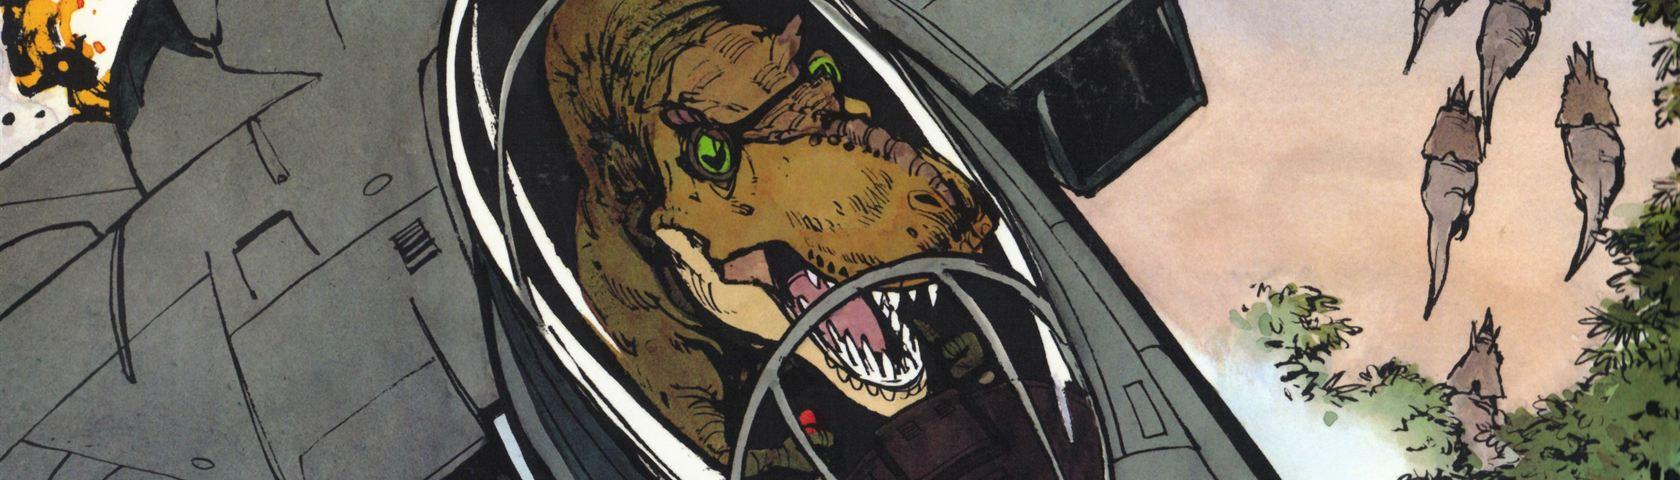 Calvin as a TRex in an F14